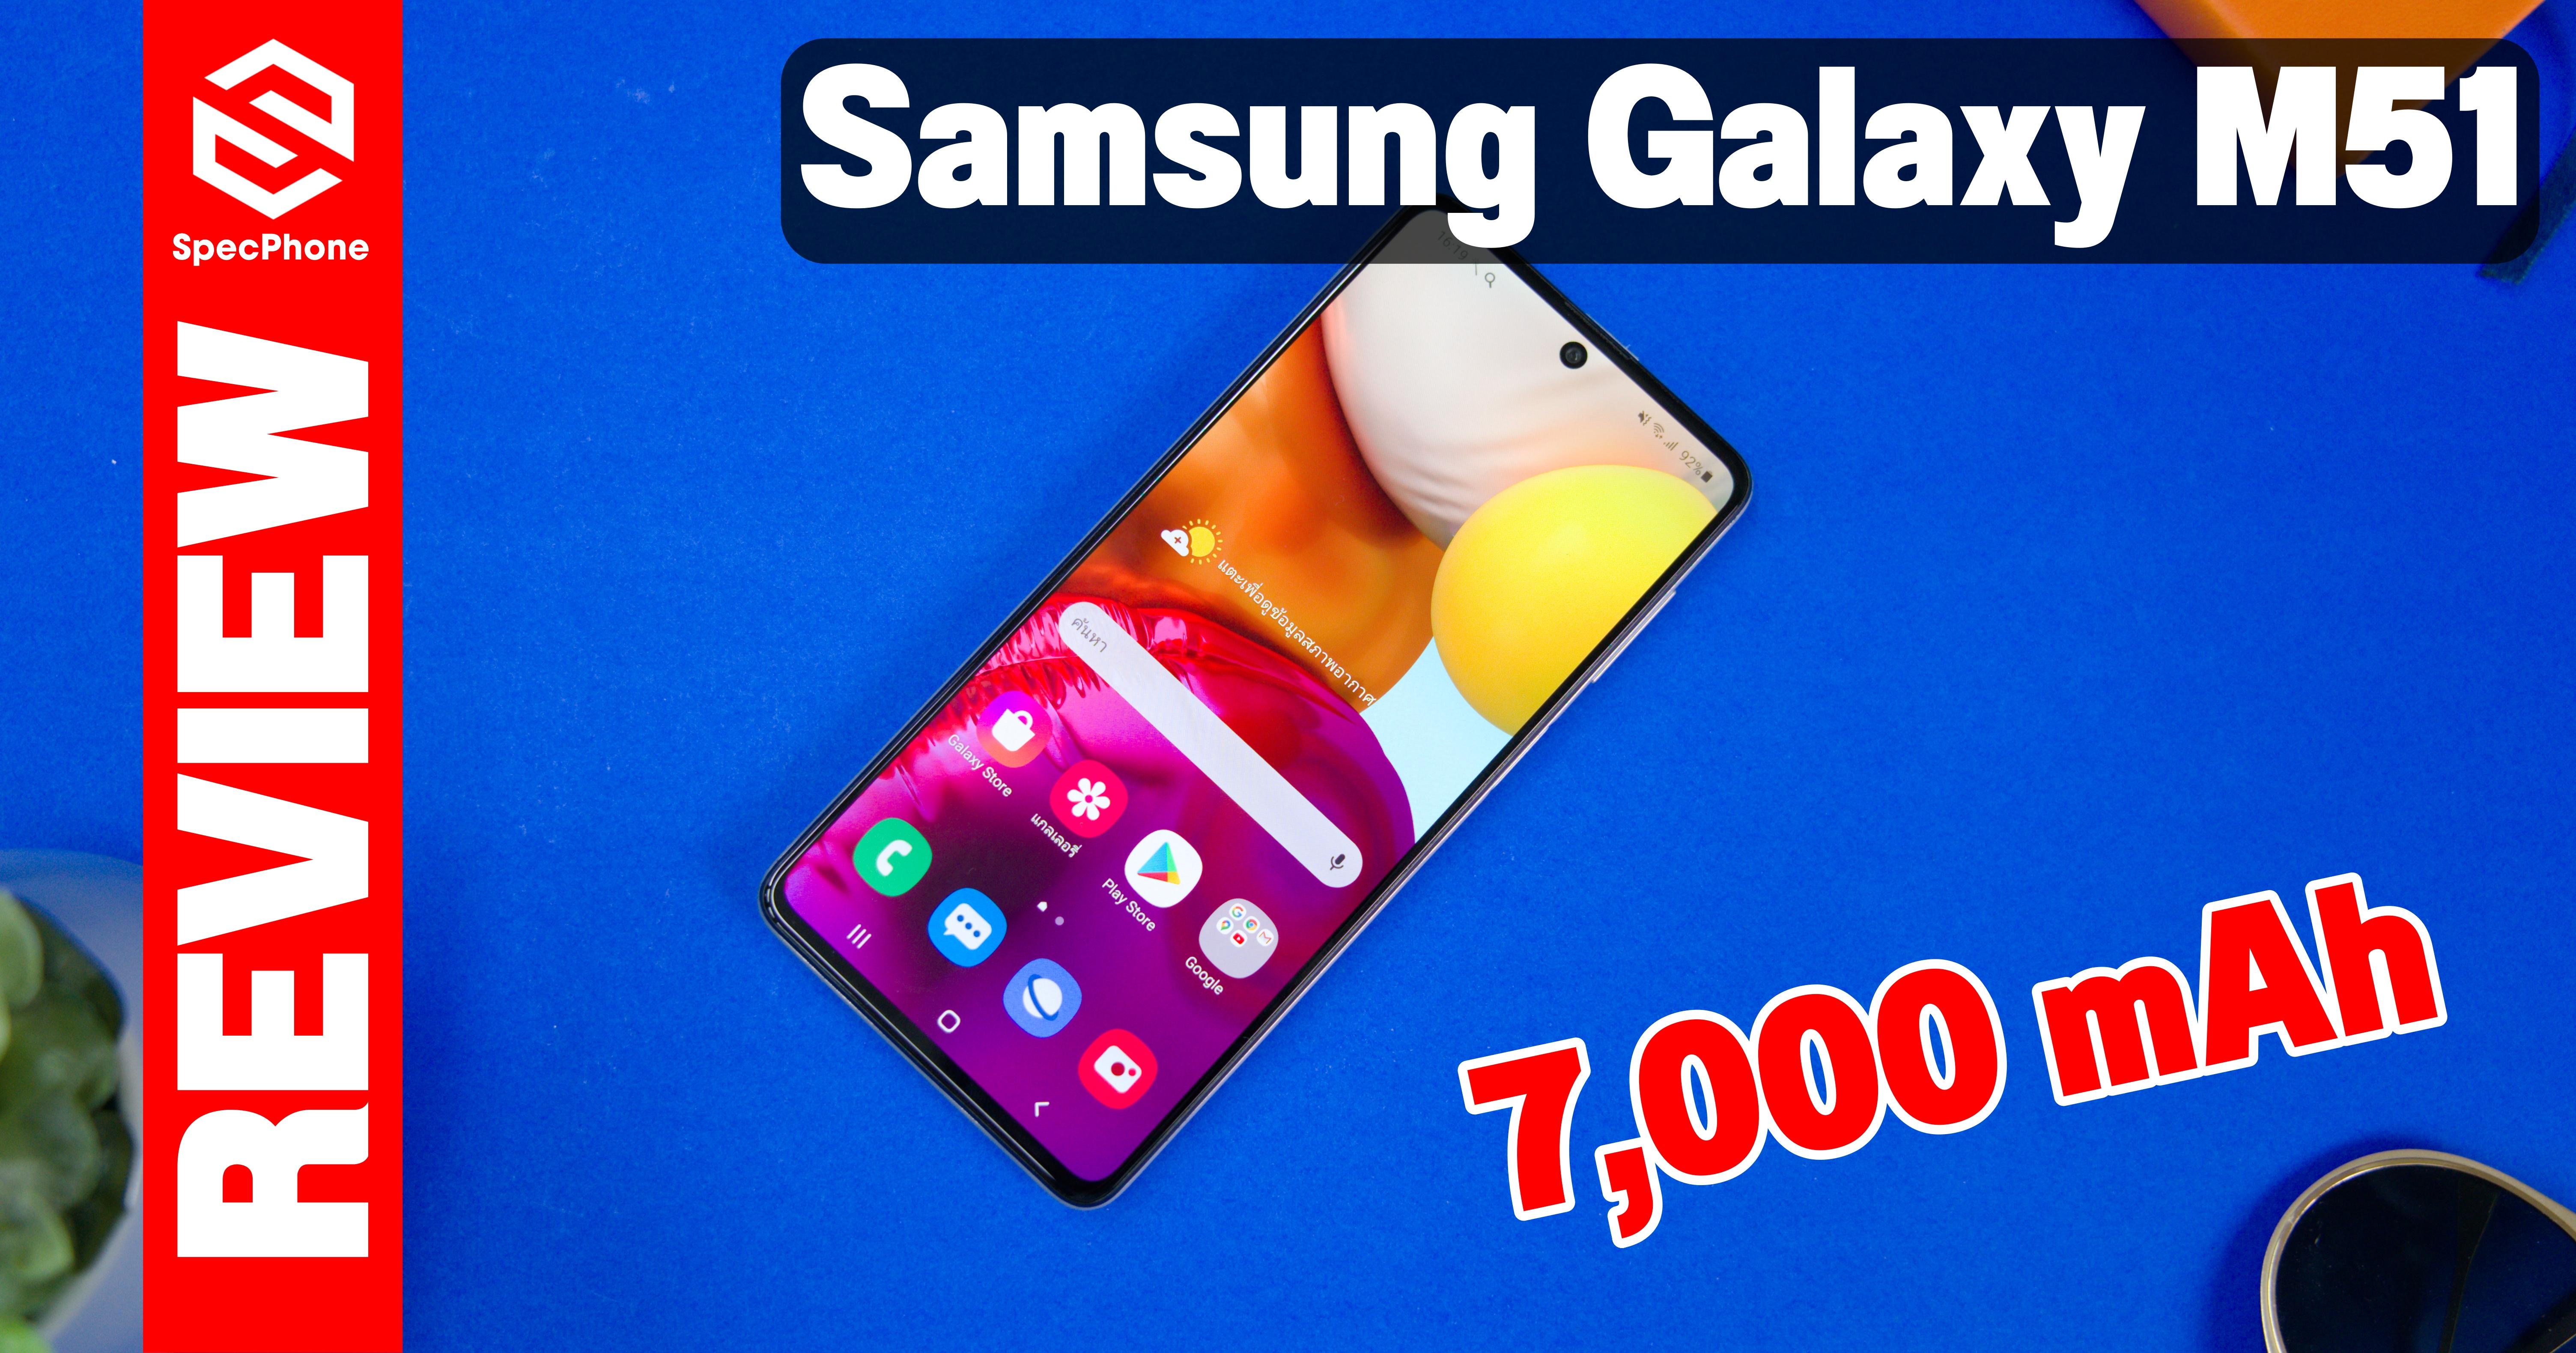 รีวิว Samsung Galaxy M51 มือถือแบตยักษ์ 7,000 mAh สเปคแรง ในราคาเบา ๆ